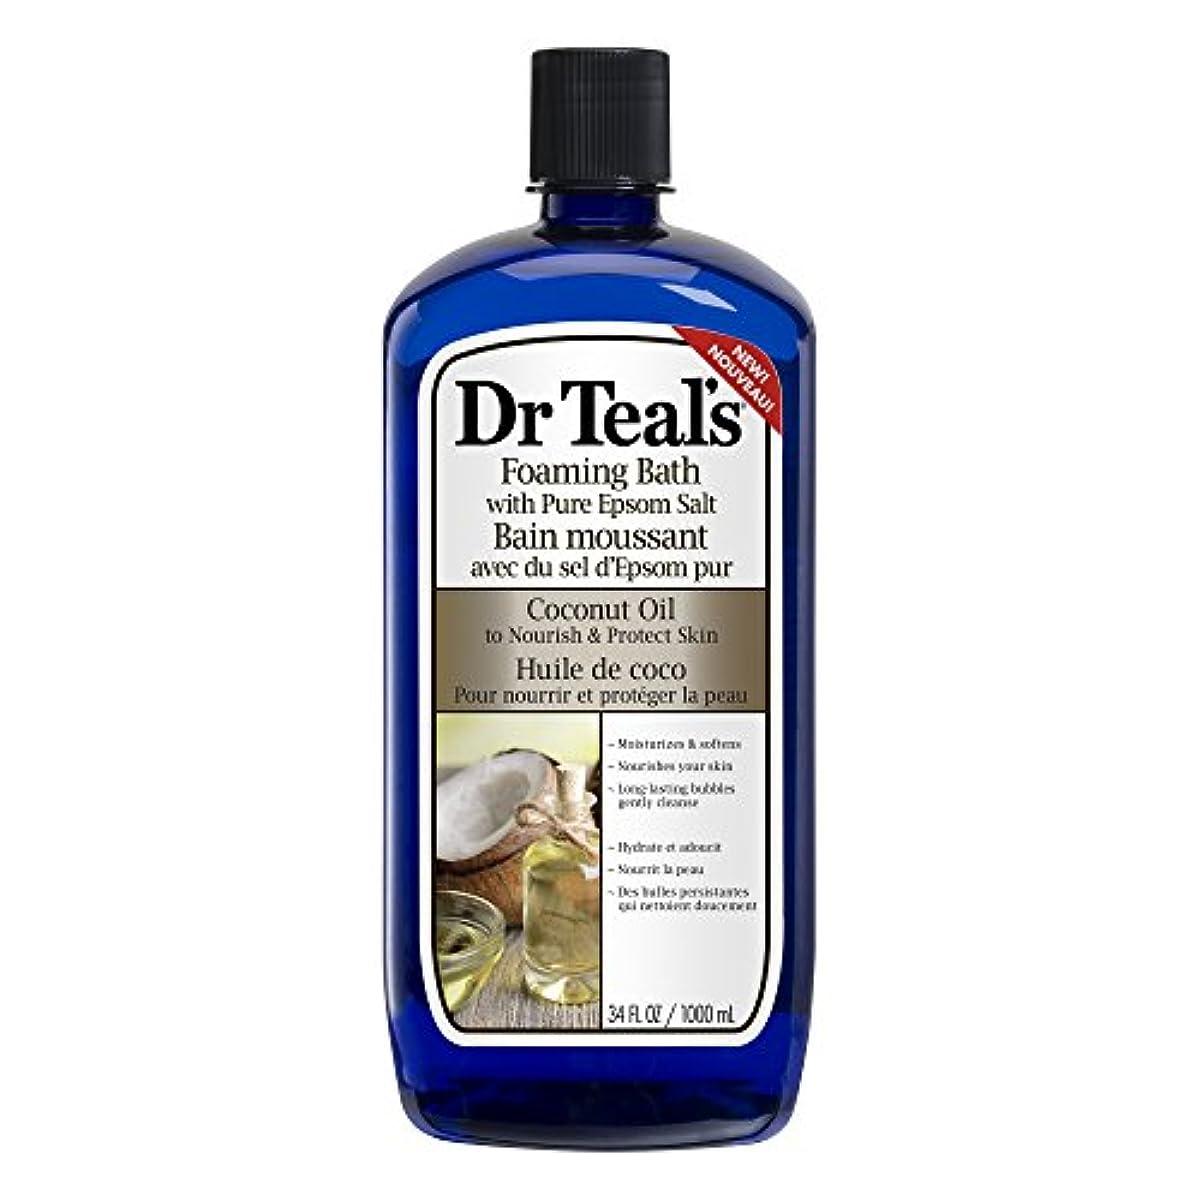 領事館飲料手錠Dr Teal's 博士Tealsココナッツオイルフォーミングバス、34オンス